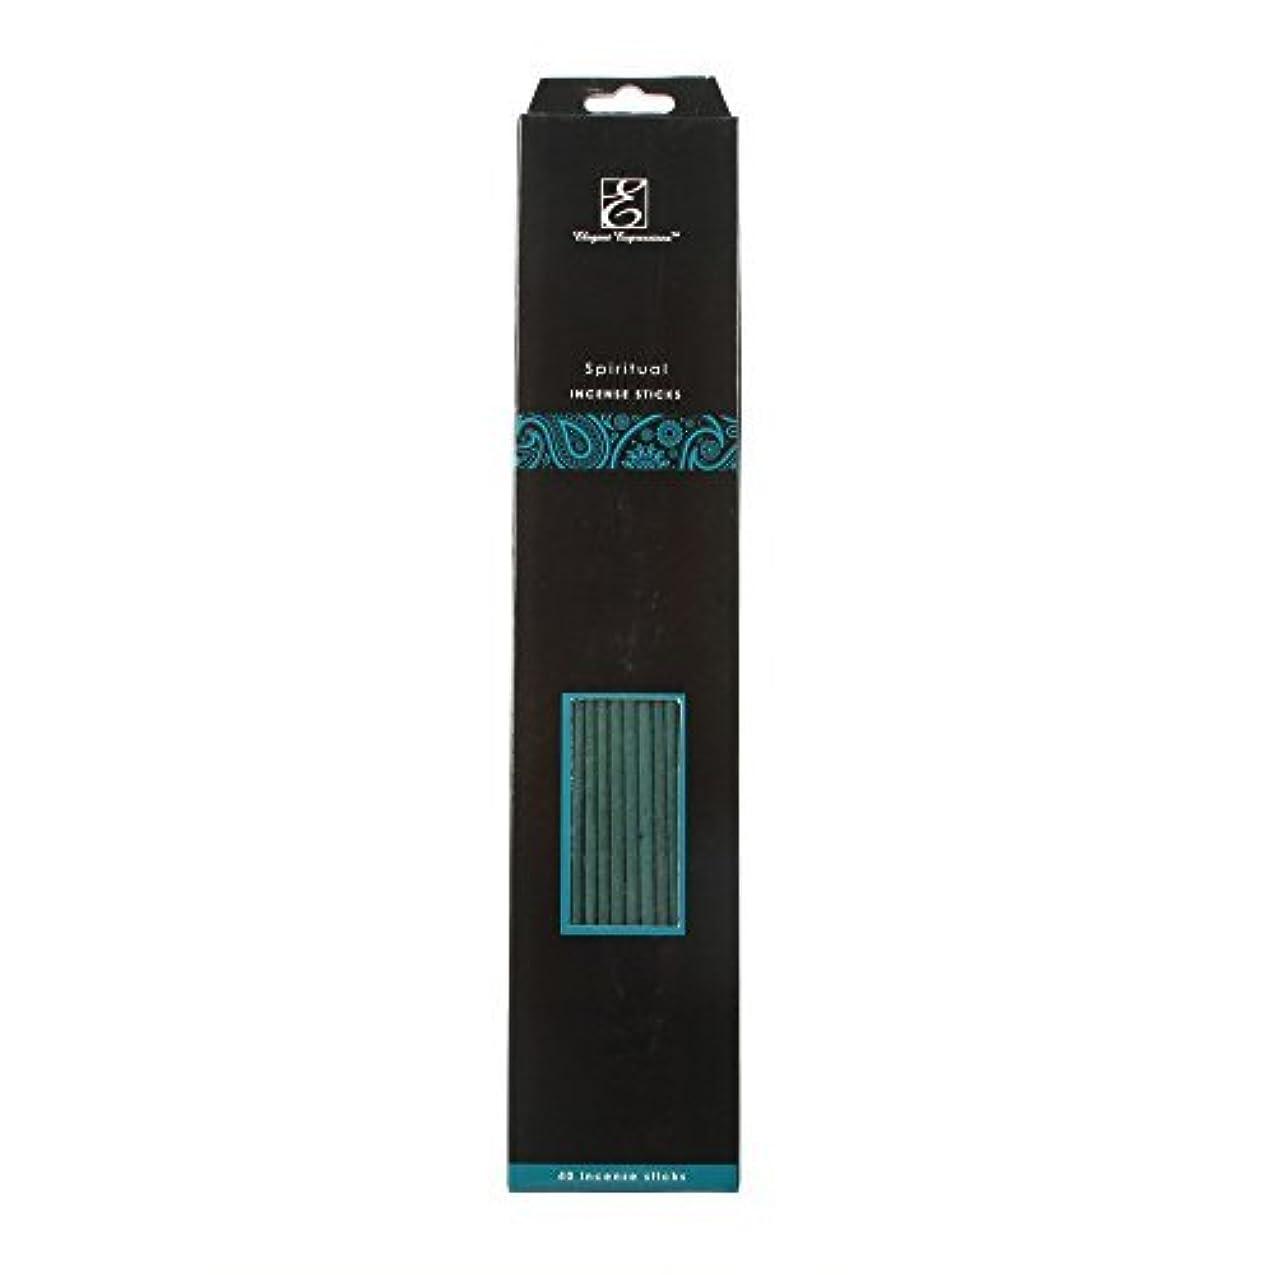 仲良し単語おじいちゃんHosley 's Highly Fragranced Spiritual Incense Sticks 240パック、Infused with Essential Oils。Ideal For結婚式、イベント、アロマセラピー...